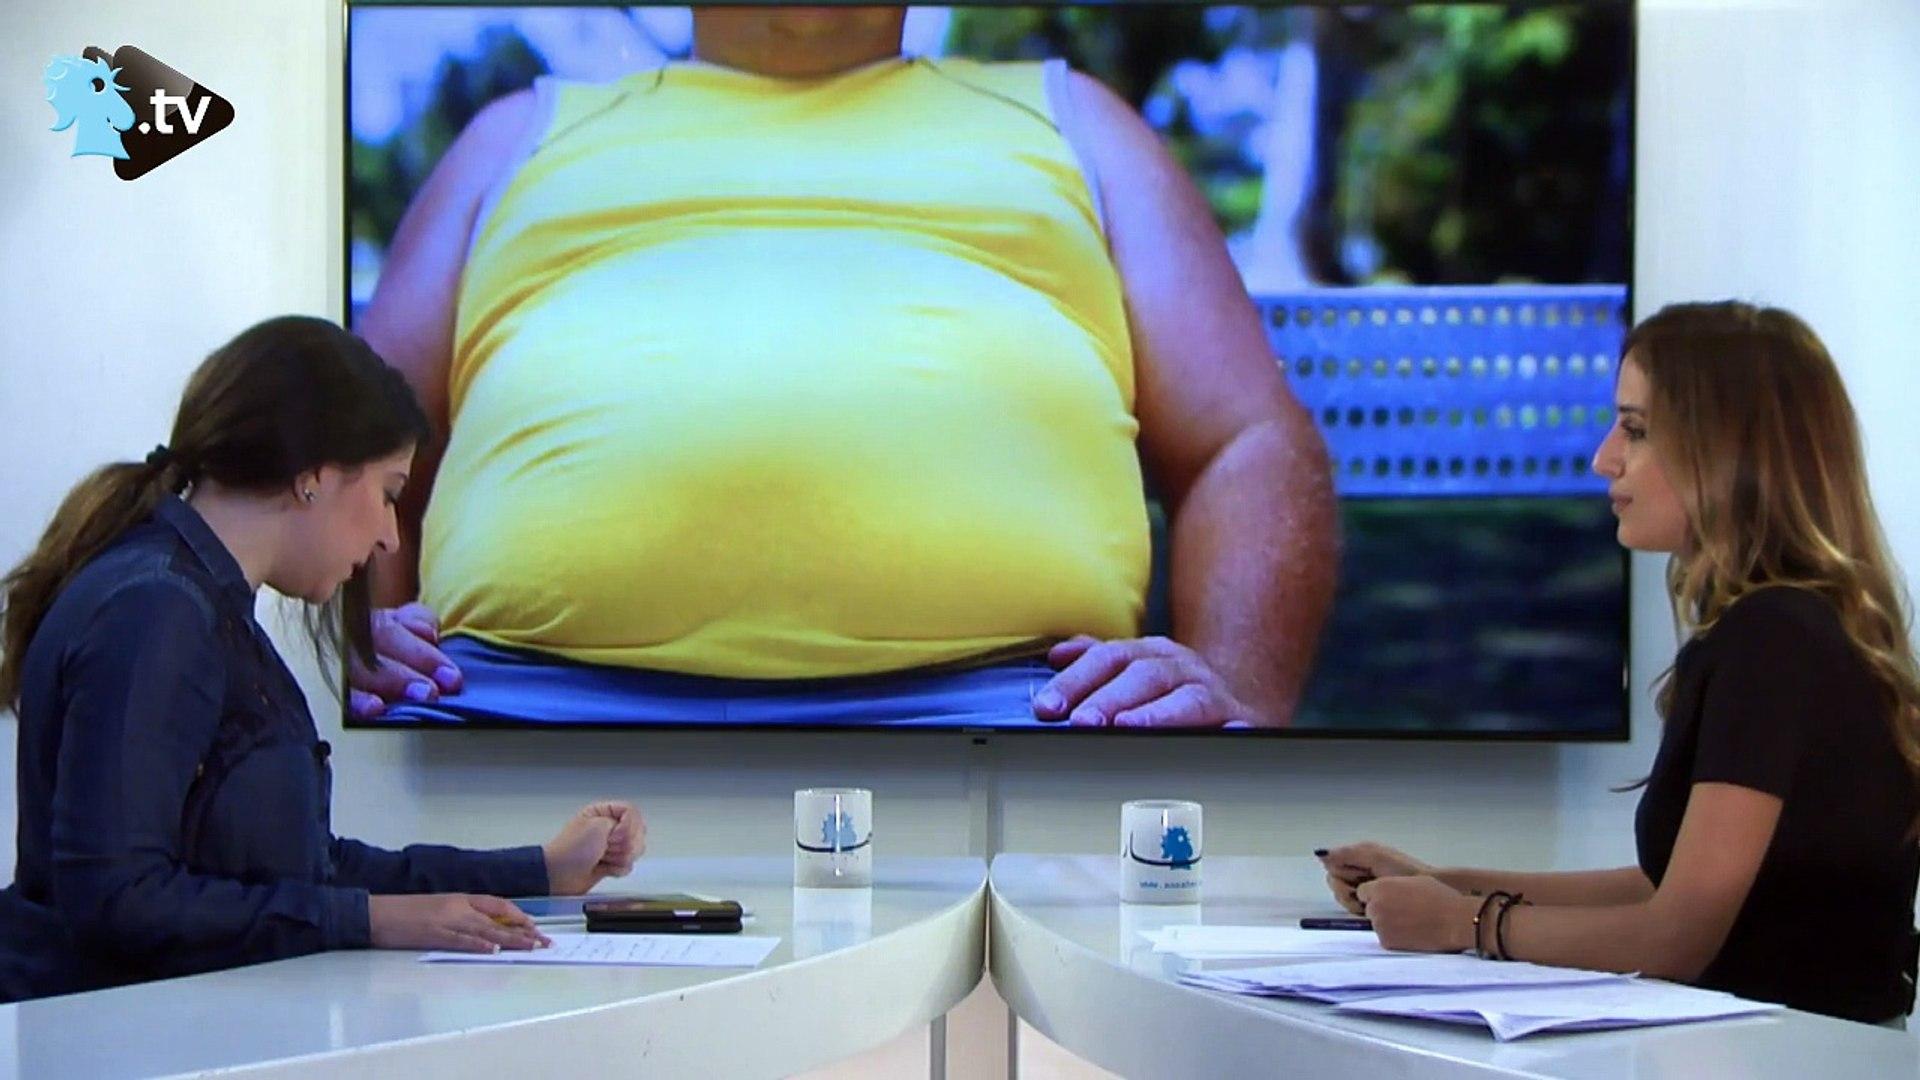 البدانة مرض أو زيادة في الوزن؟